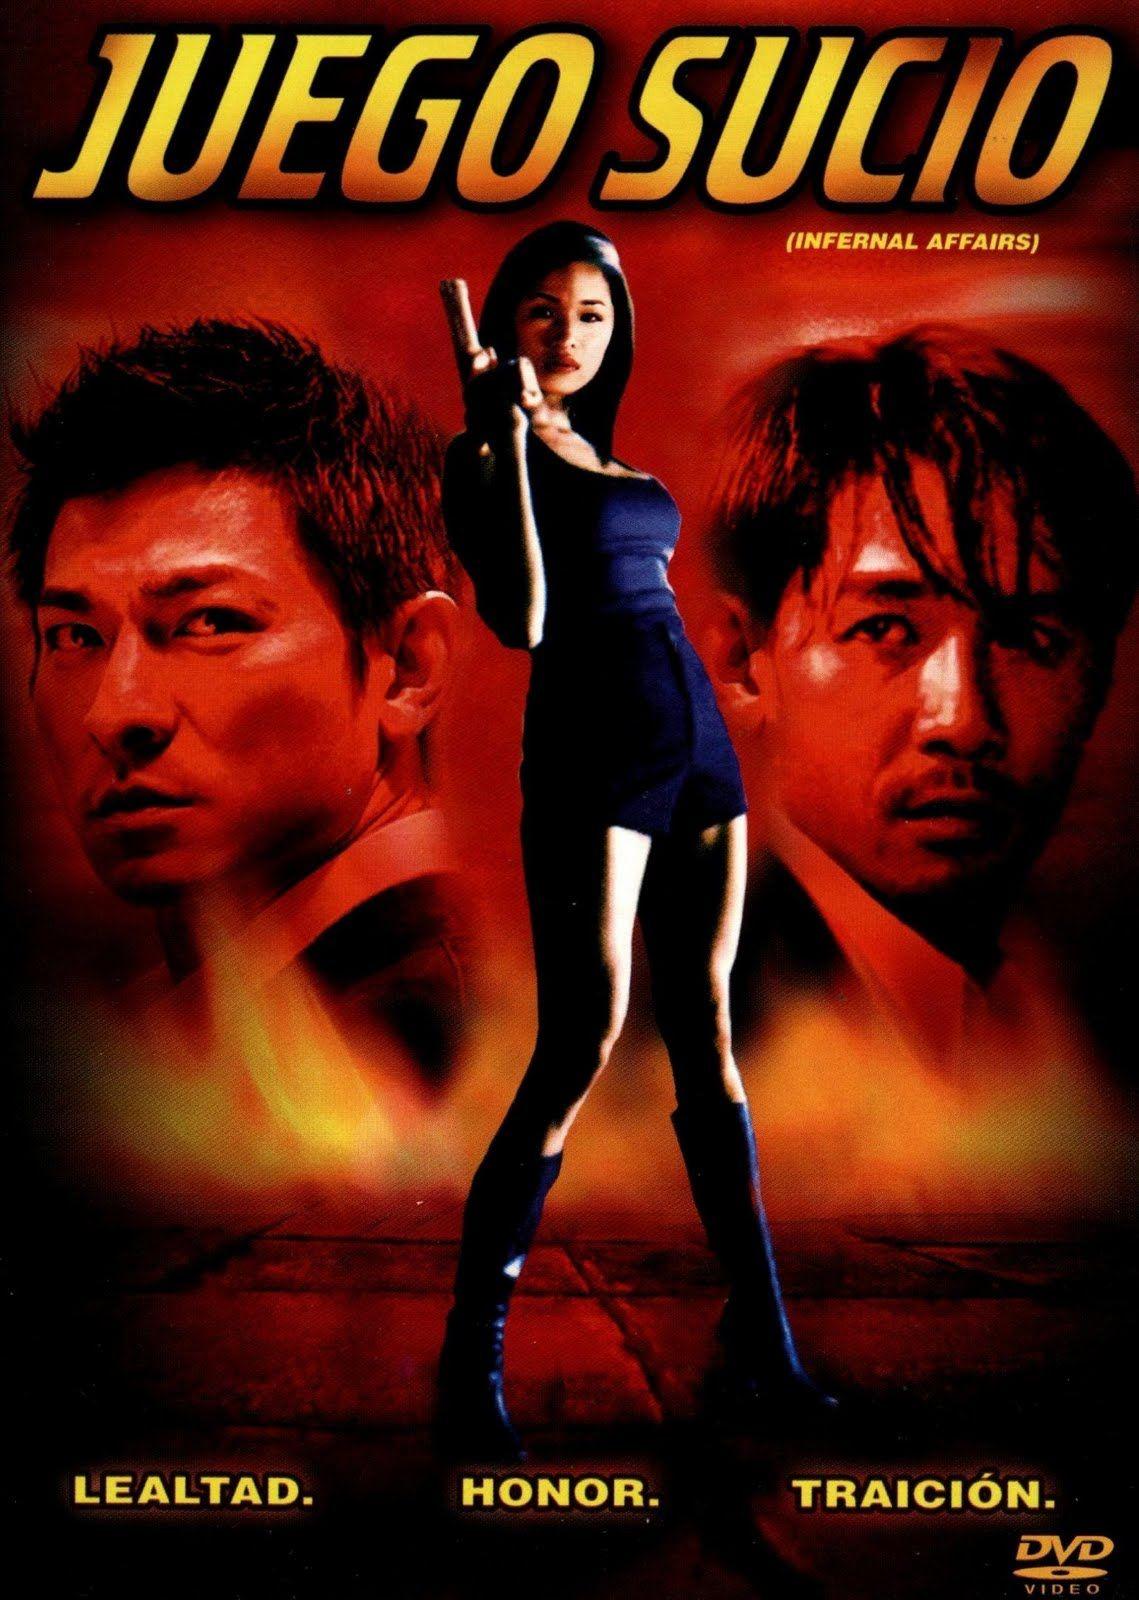 Juego sucio [Vídeo (DVD)] = Infernal affairs / director, Andrew Lau, Alan Mark. El Mundo, D.L. 2011